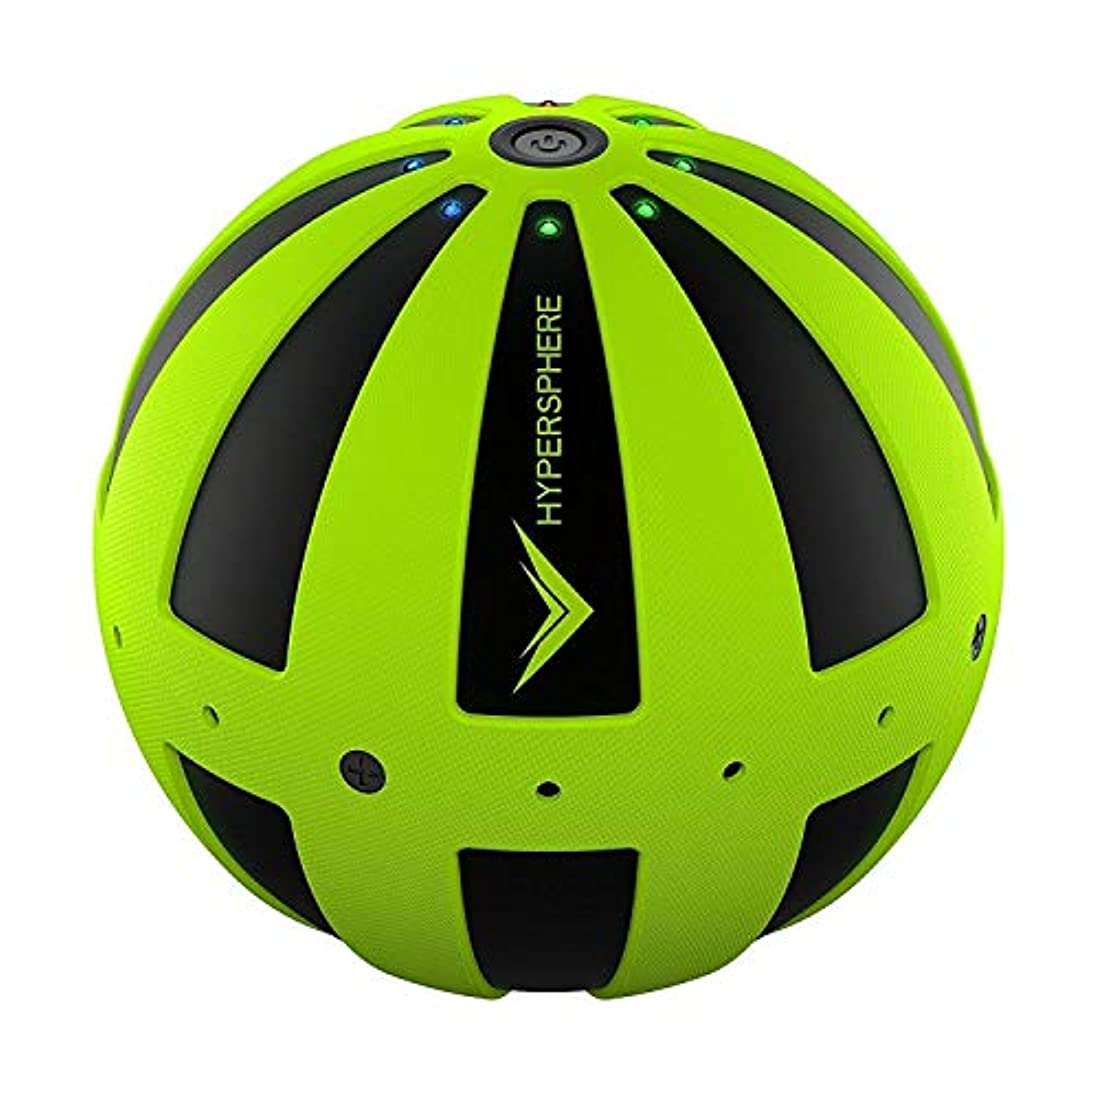 はぁつま先物語Hypersphere Vibrating Fitness Ball (PSEアダプタ付属) [並行輸入品]